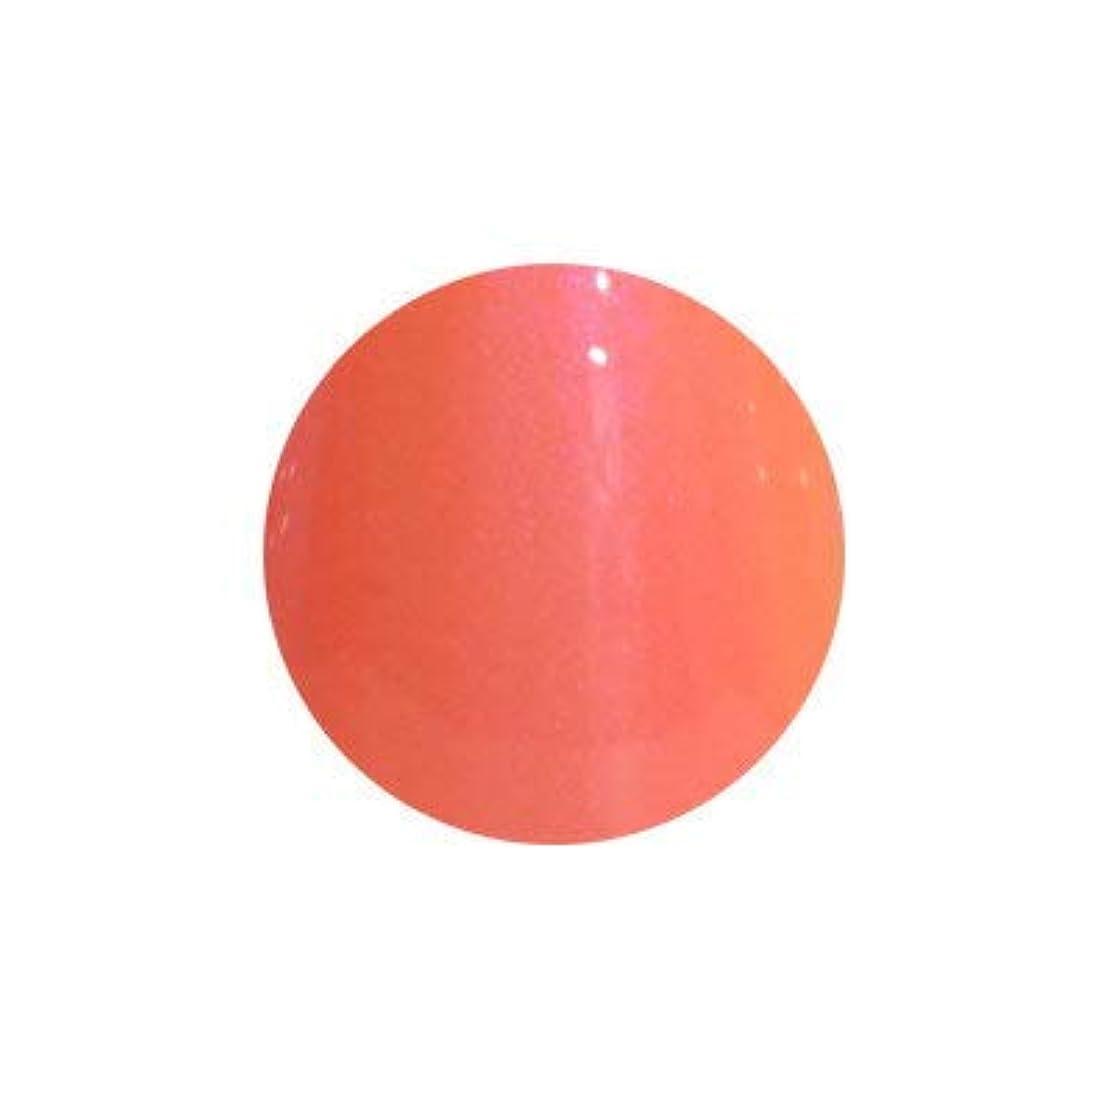 失礼有効化肝T-GEL COLLECTION カラージェル D138 レインボーコーラル 4ml